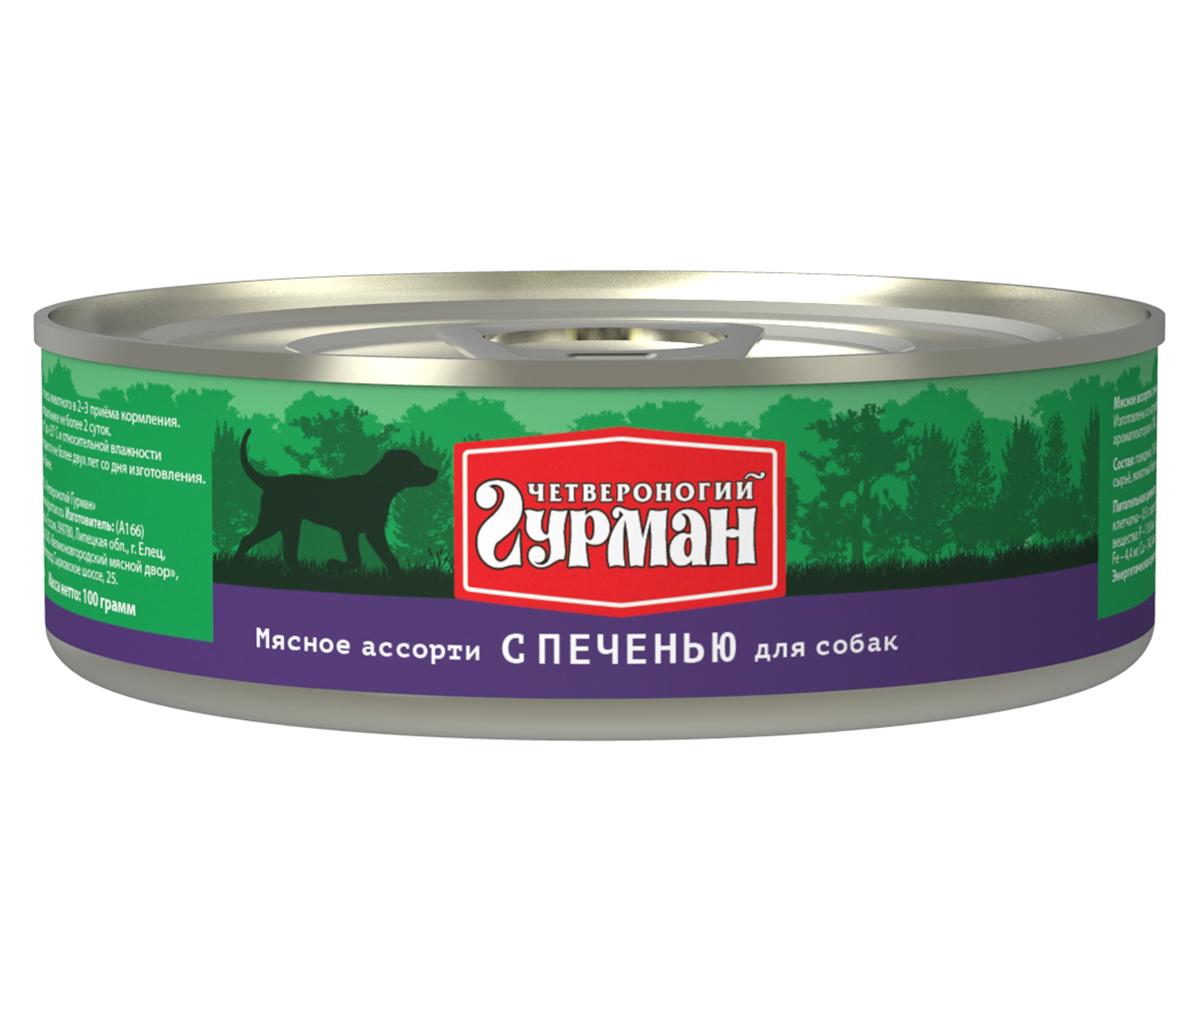 Консервы для собак Четвероногий гурман Мясное ассорти, с печенью, 100 г. 103101007103101007Консервы для собак Четвероногий гурман Мясное ассорти - это влажный мясной корм суперпремиум класса, состоящий из разных сортов мяса и качественных субпродуктов. Корм не содержит синтетических витаминно-минеральных комплексов, злаков, бобовых и овощей. Никаких искусственных компонентов в составе: только натуральное, экологически чистое мясо от проверенных поставщиков. По консистенции продукт представляет собой кусочки из фарша размером 3-15 мм. В состав входит коллаген. Его компоненты (хондроитин и глюкозамин) положительно воздействуют на суставы питомца. Состав: говядина (18%), печень (18%), рубец, легкое, коллагенсодержащее сырье, животный белок, масло растительное, вода.Пищевая ценность (в 100 г продукта): протеин 11 г, жир 6,7 г, клетчатка 0,5 г, сырая зола 2 г, влага 80 г.Минеральные вещества: P 118,8мг, Са 10 мг, Na 161,7 мг, Cl 201,3 мг, Mg 12 мг, Fe 4,4 мг, Cu 342,4 мкг, I 5,16 мкг.Витамины: А, E, В1, В2, B3, B5, B6.Энергетическая ценность (на 100 г): 105 ккал. Товар сертифицирован.